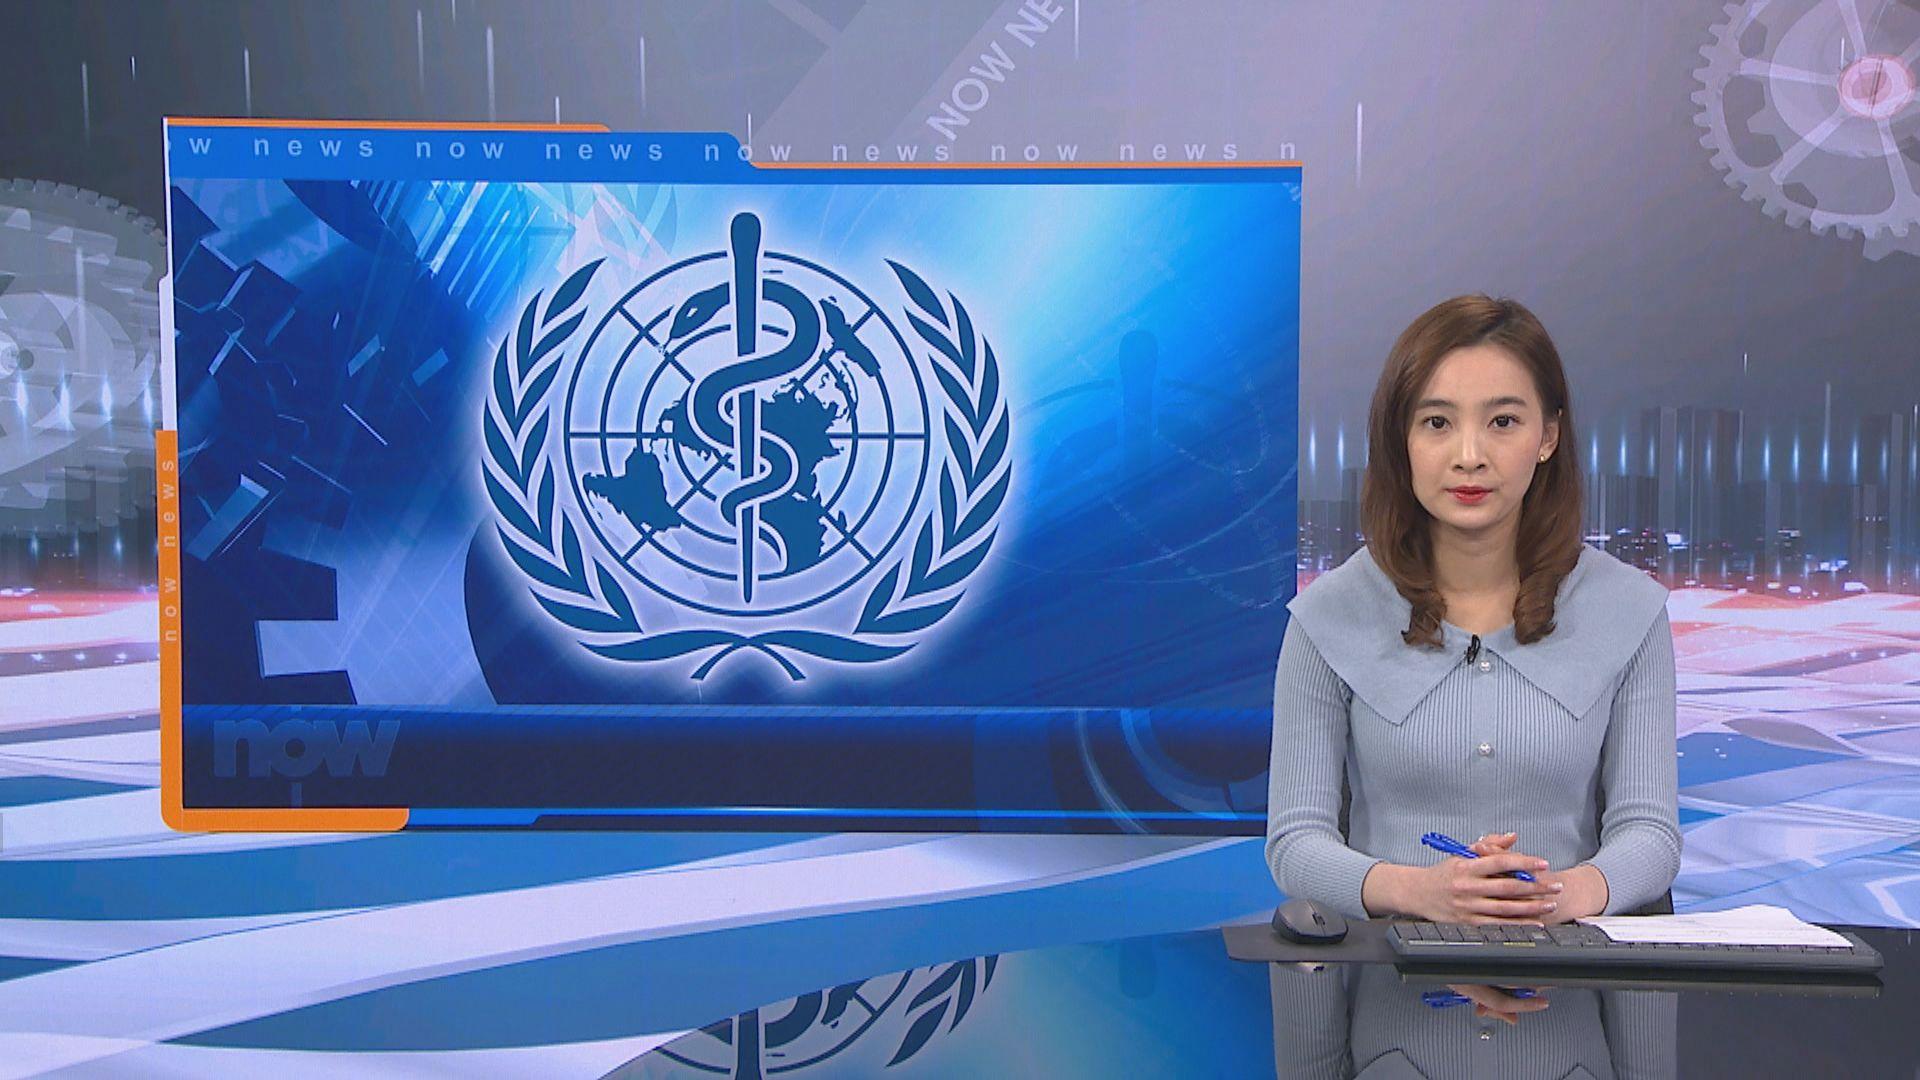 世衞澄清沒證據顯示武漢新型冠狀病毒人傳人